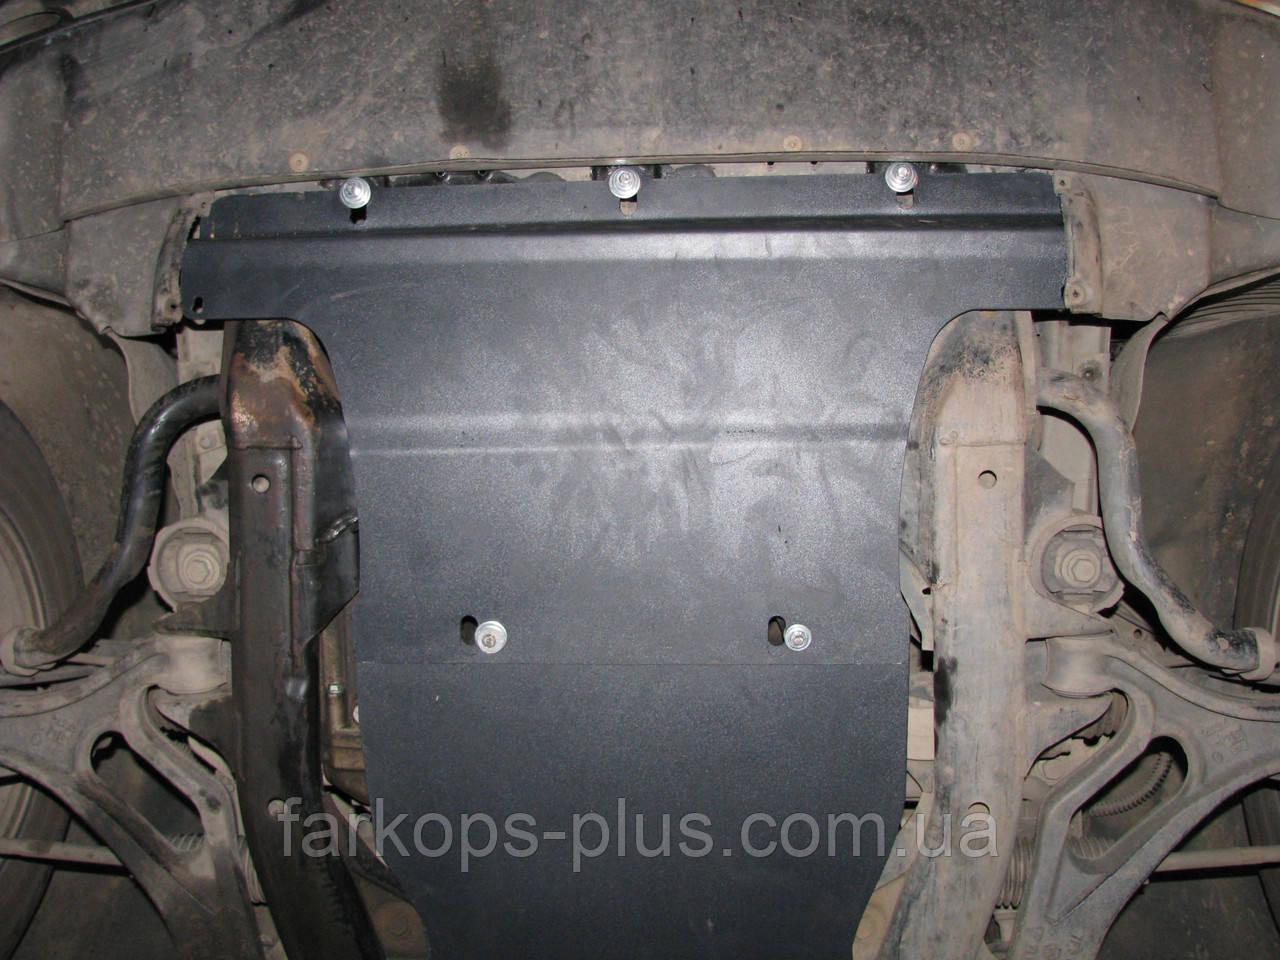 Захист двигуна - Volkswagen Touareg (2002--) все